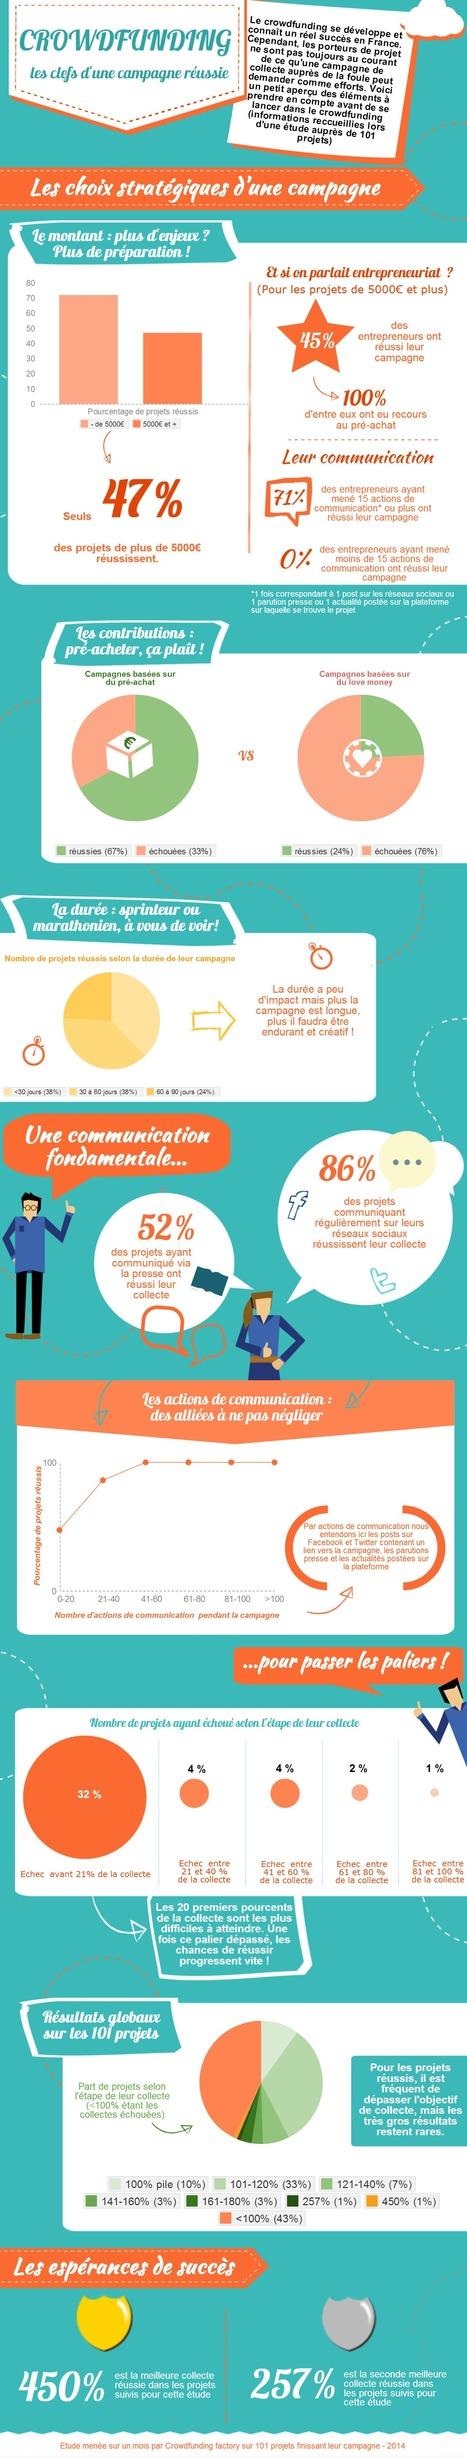 [Infographie] Les 4 conseils à appliquer pour réussir sa campagne de crowdfunding - Maddyness | Passion Entreprendre | Scoop.it